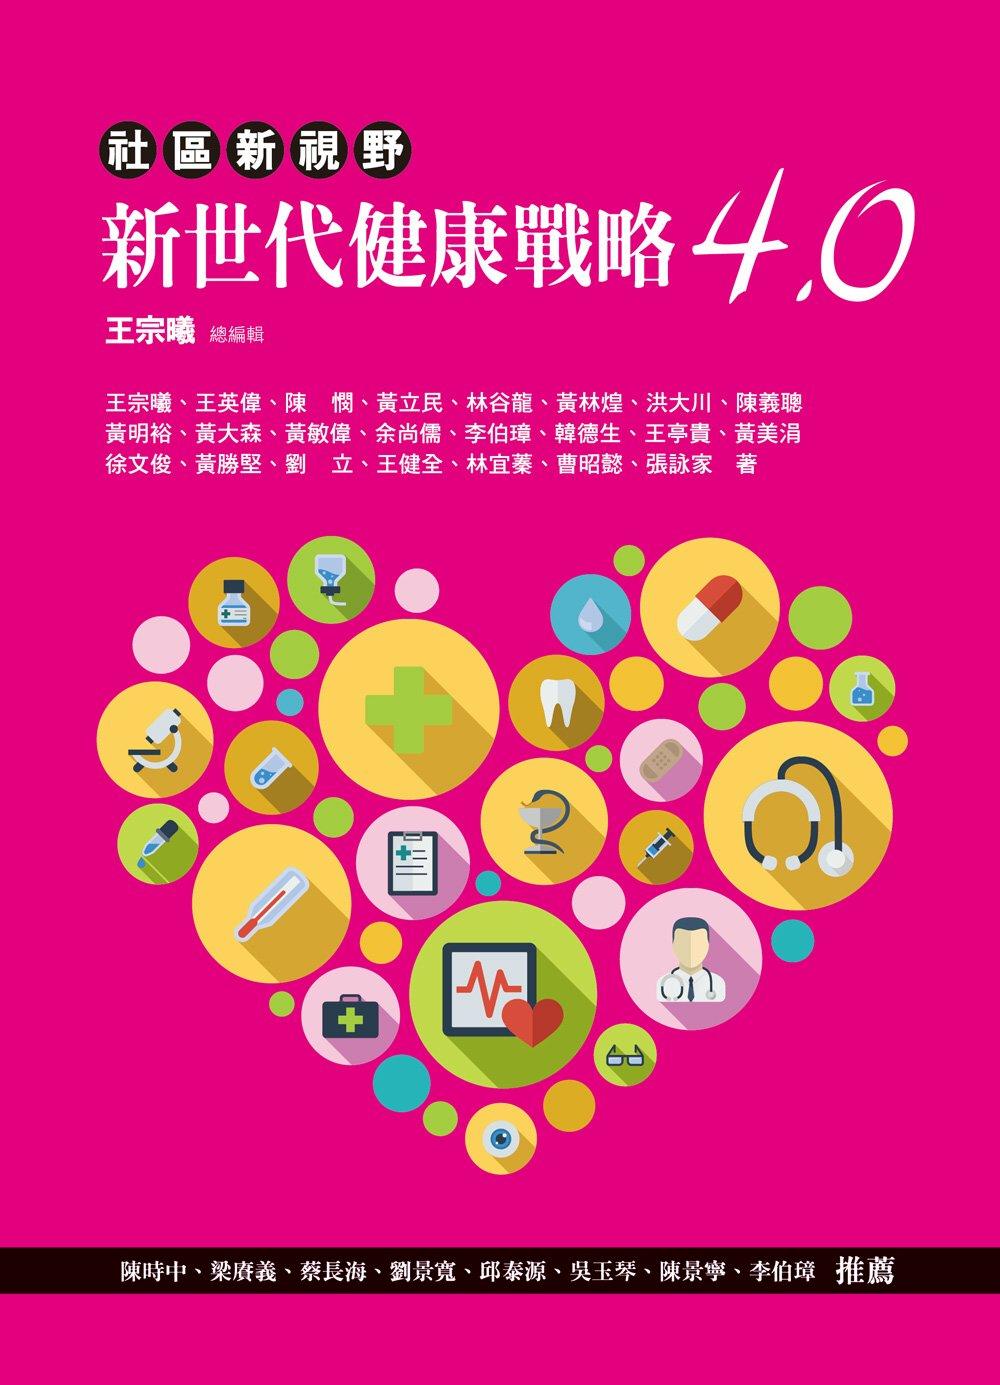 社區新視野:新世代健康戰略4.0